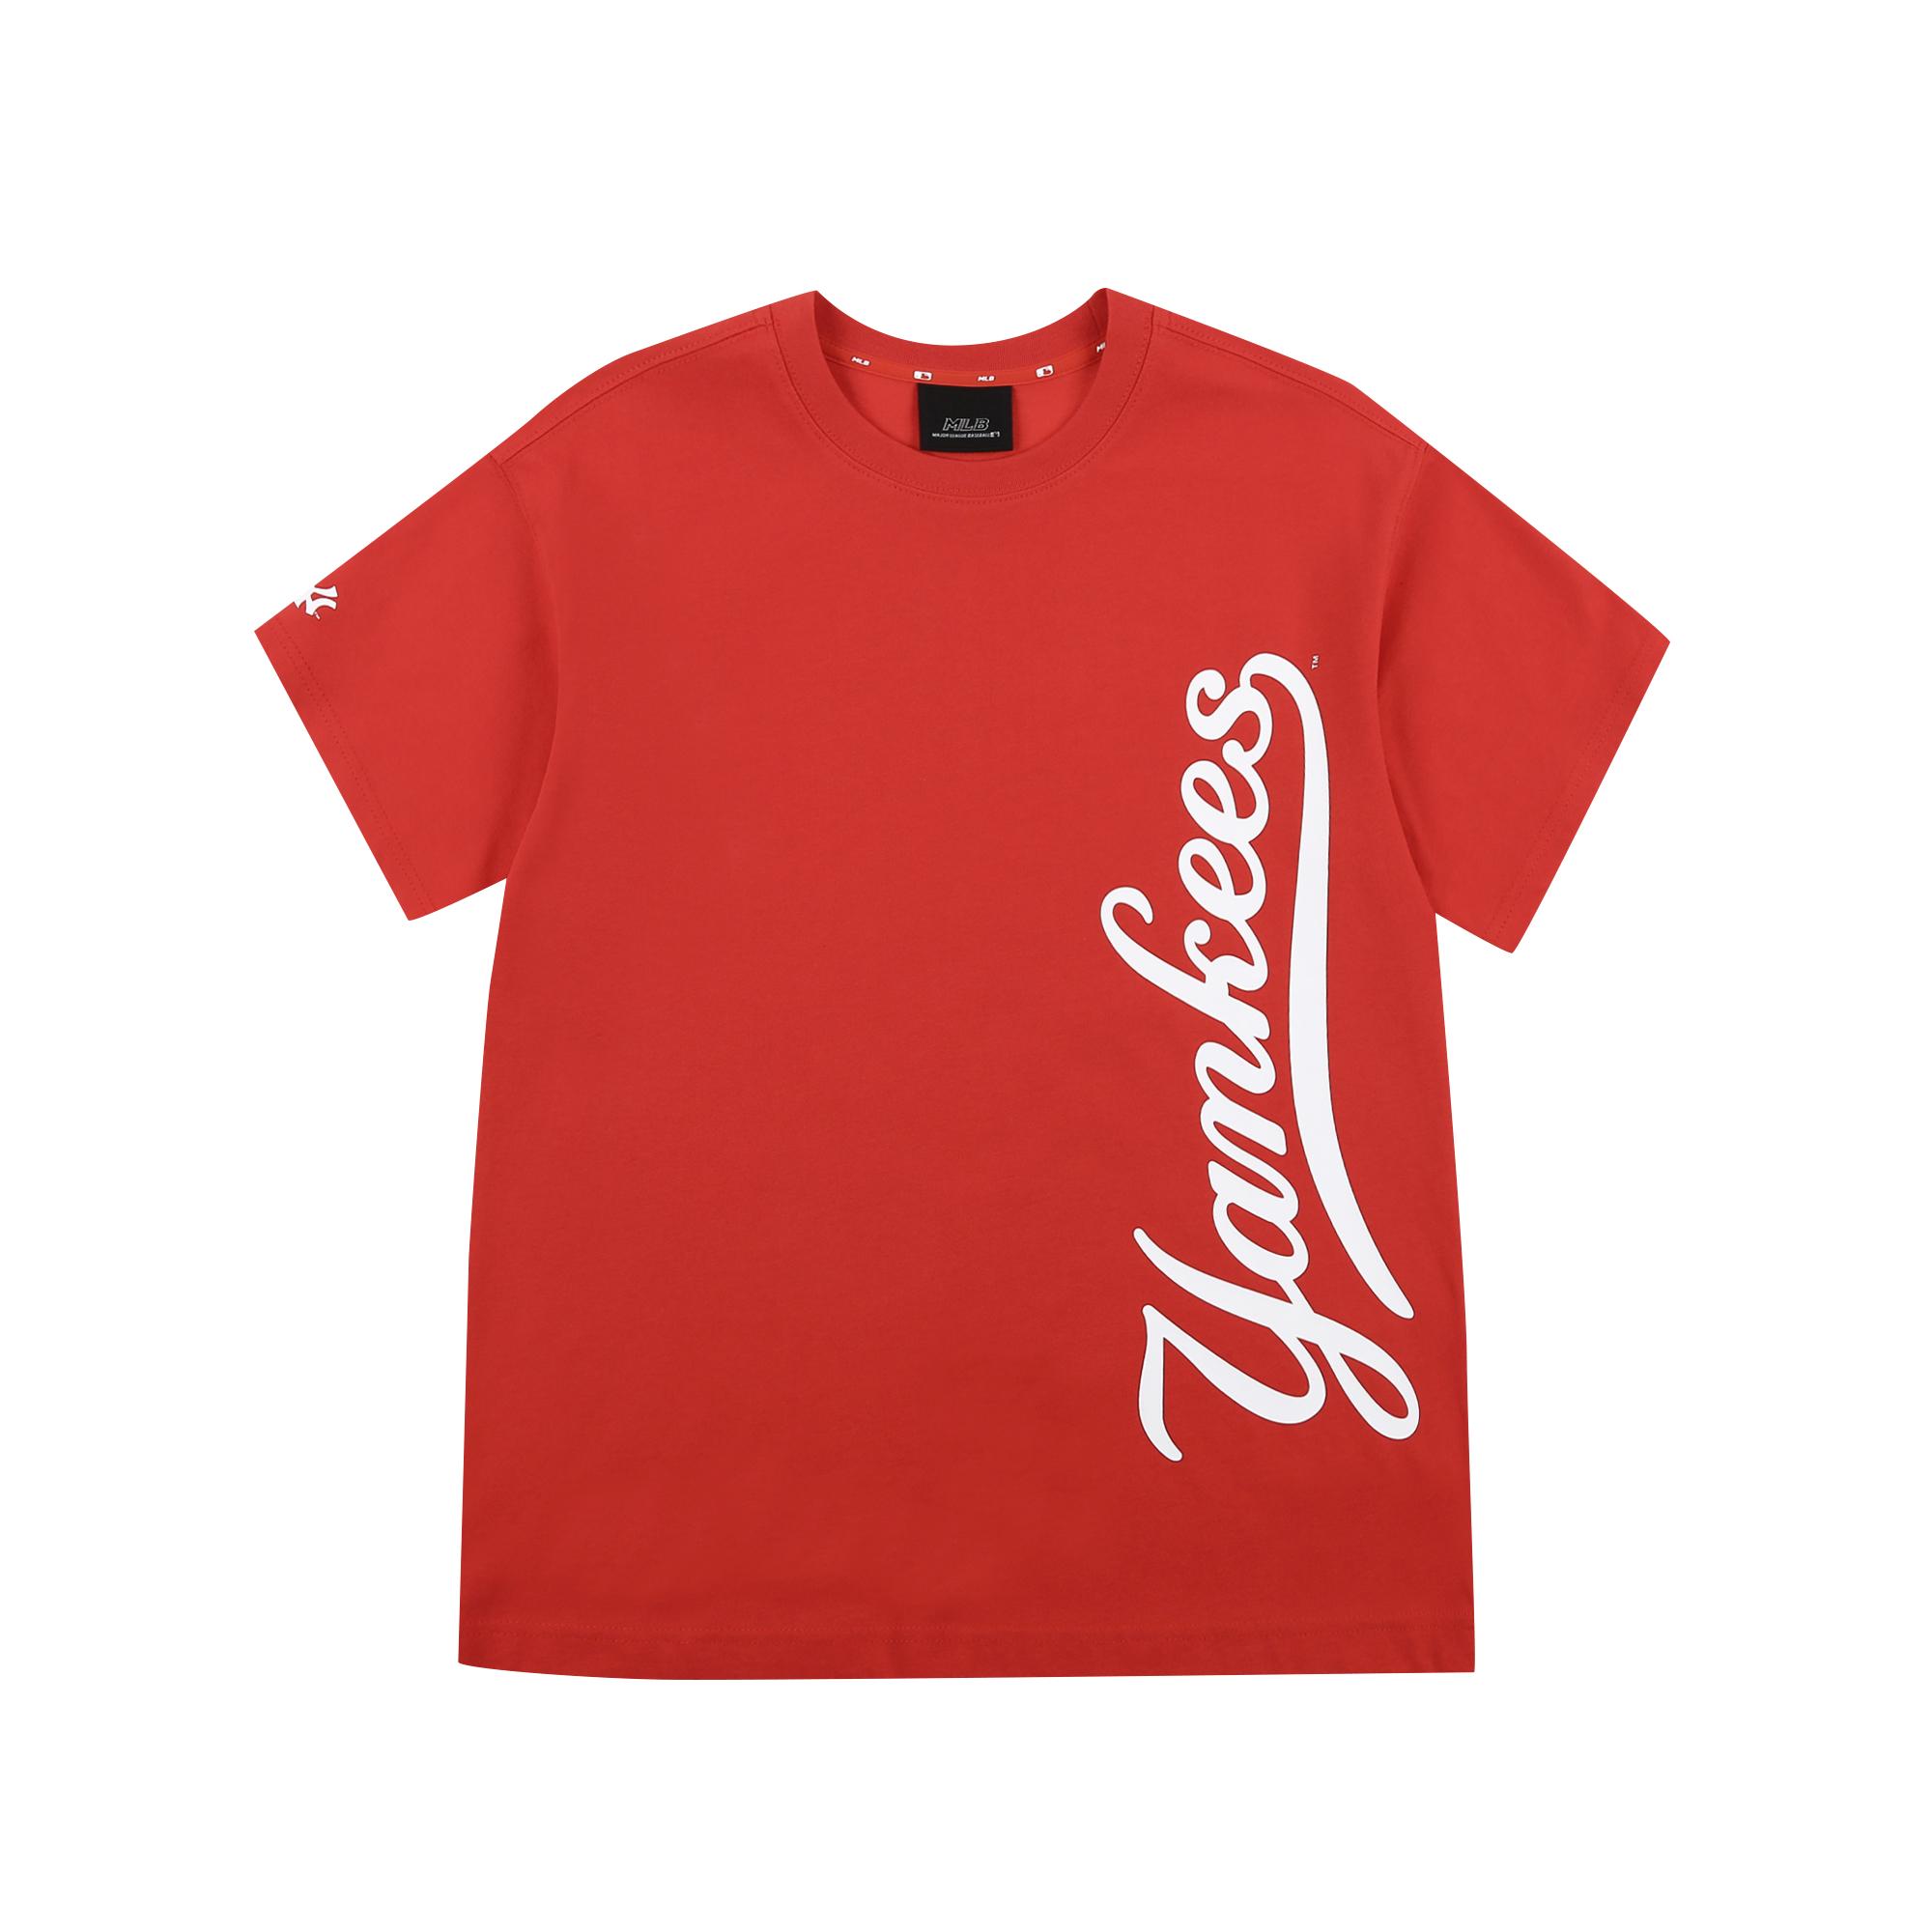 베이직 클래식 로고 버티컬 반팔 티셔츠 뉴욕양키스